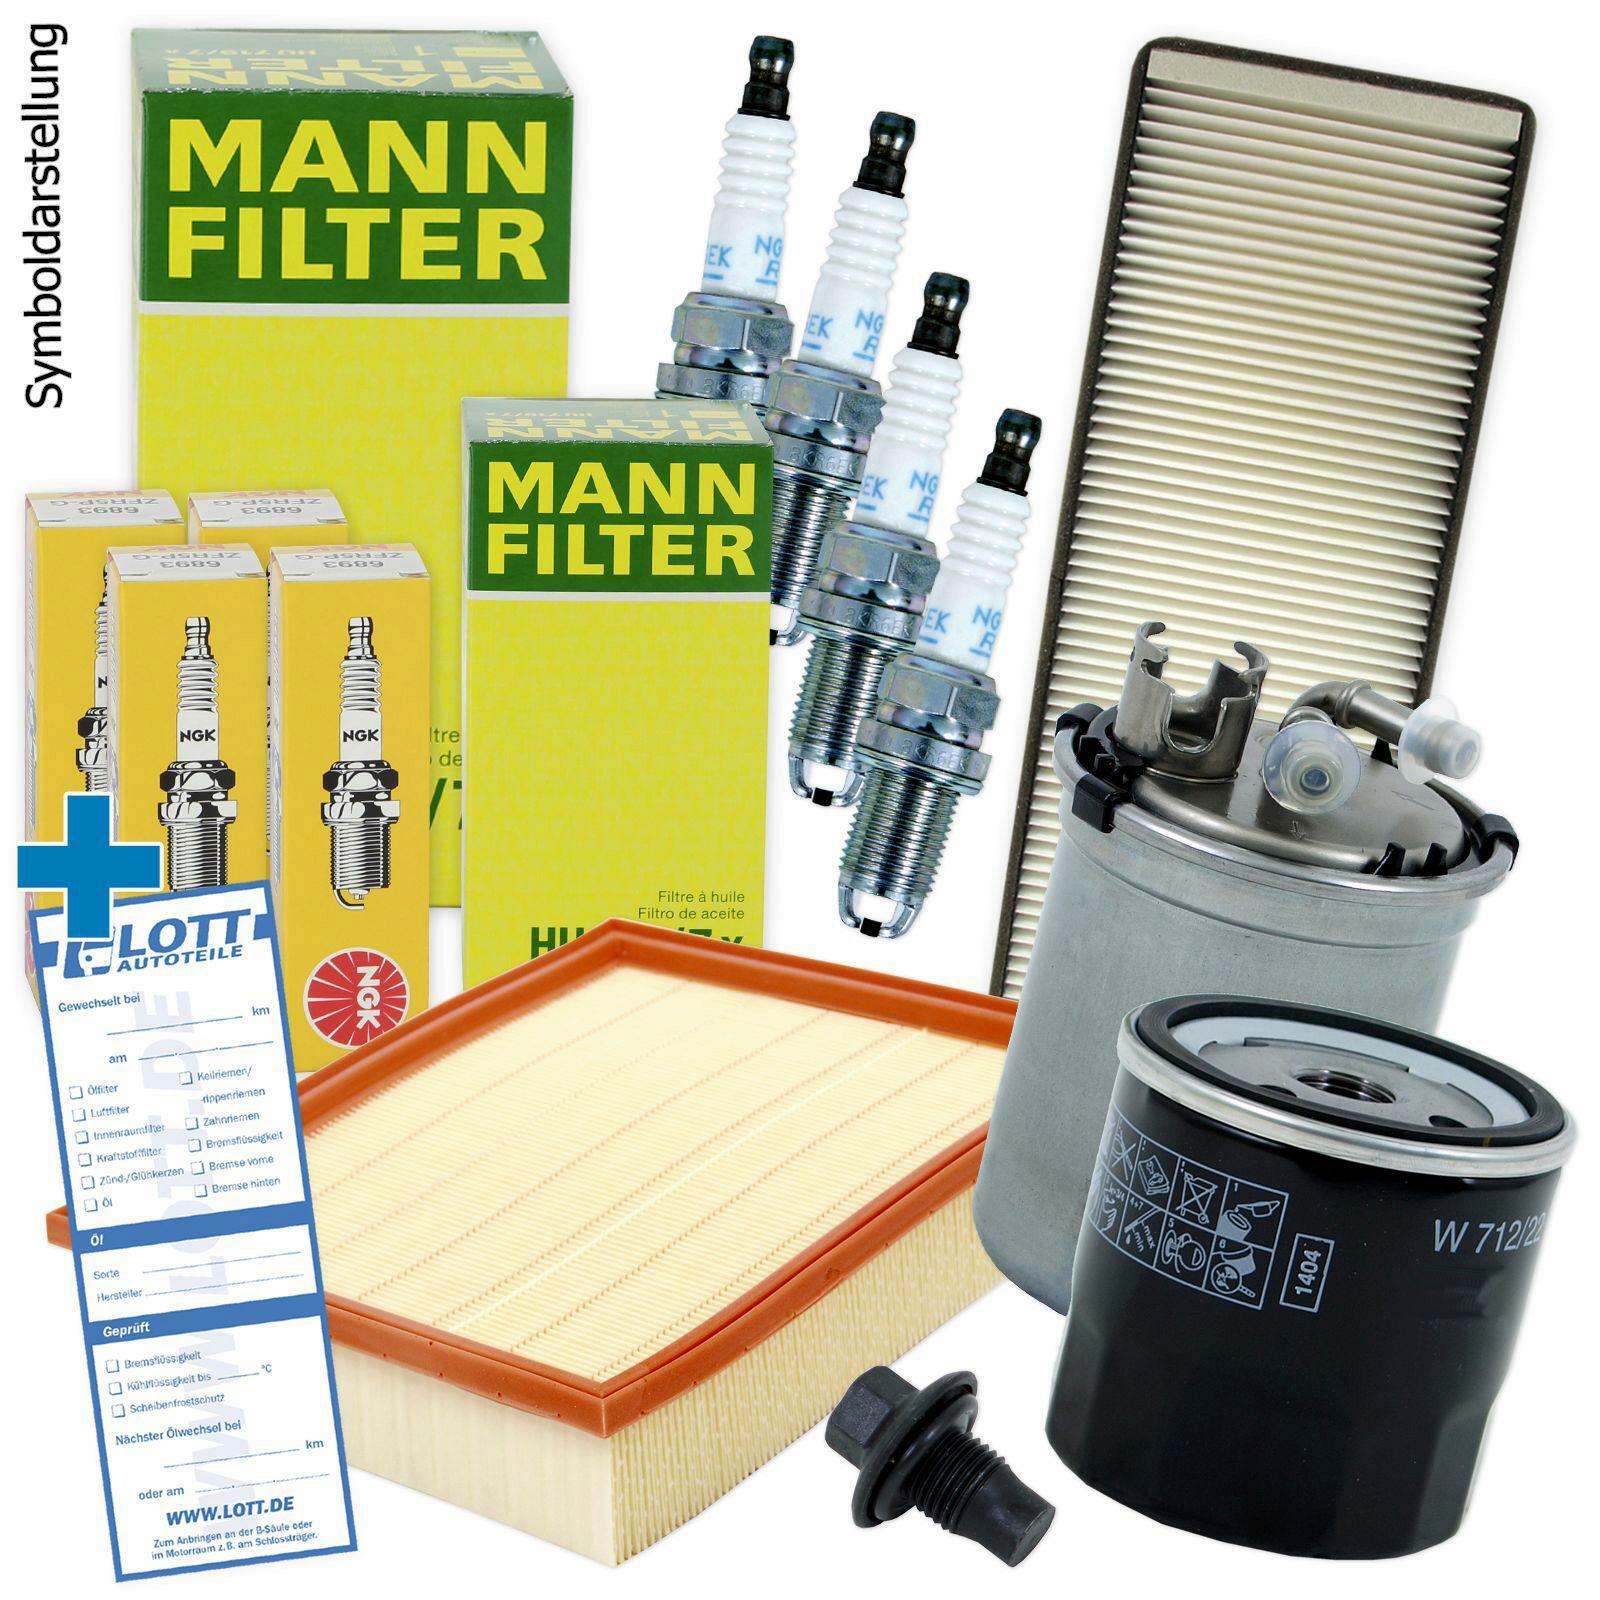 LUFTFILTER + ÖLFILTER + INNENRAUMFILTER + KRAFTSTOFFFILTER + ZÜNDKERZEN